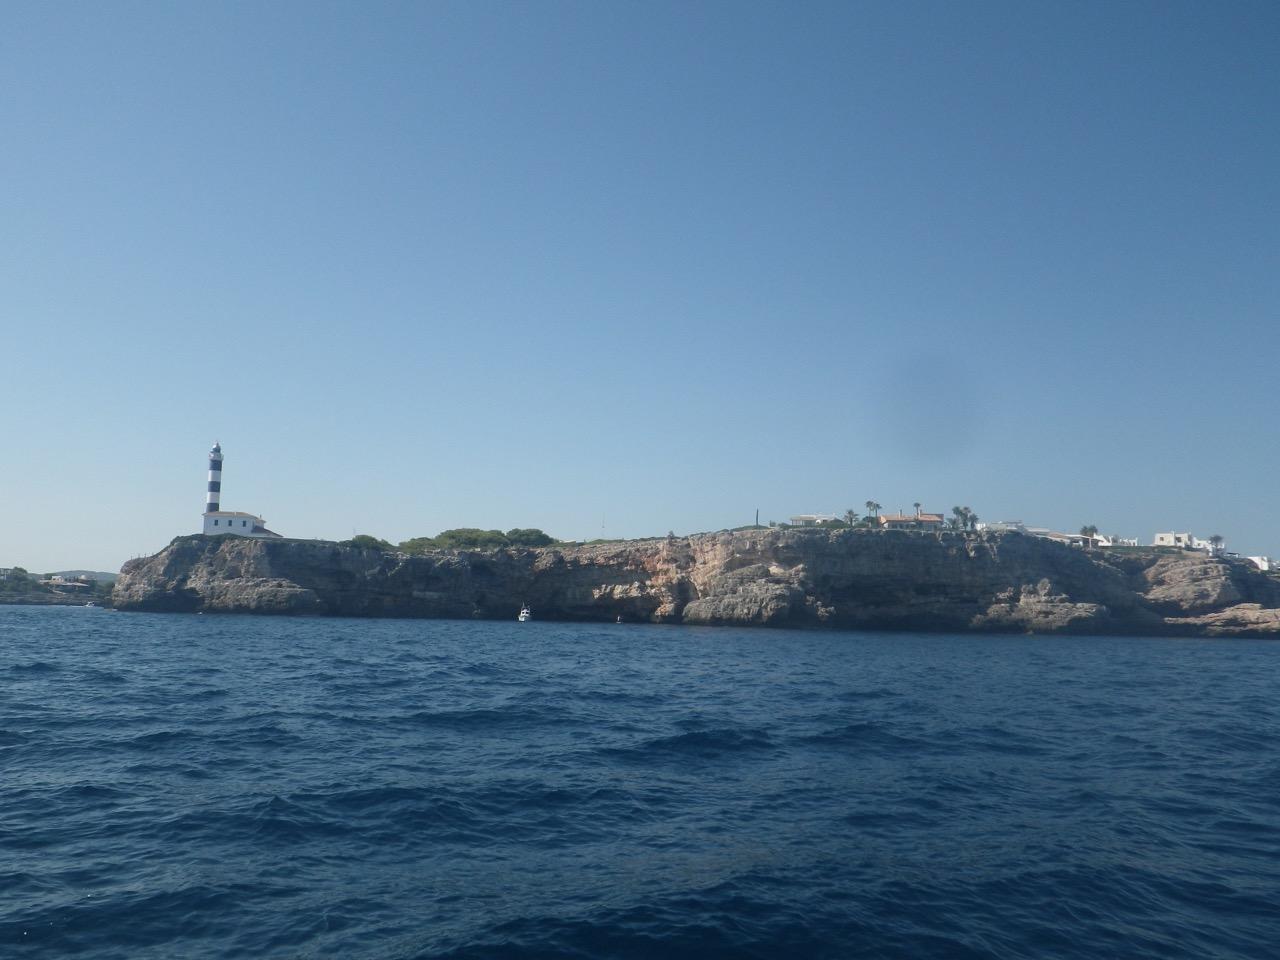 Porto colom approach